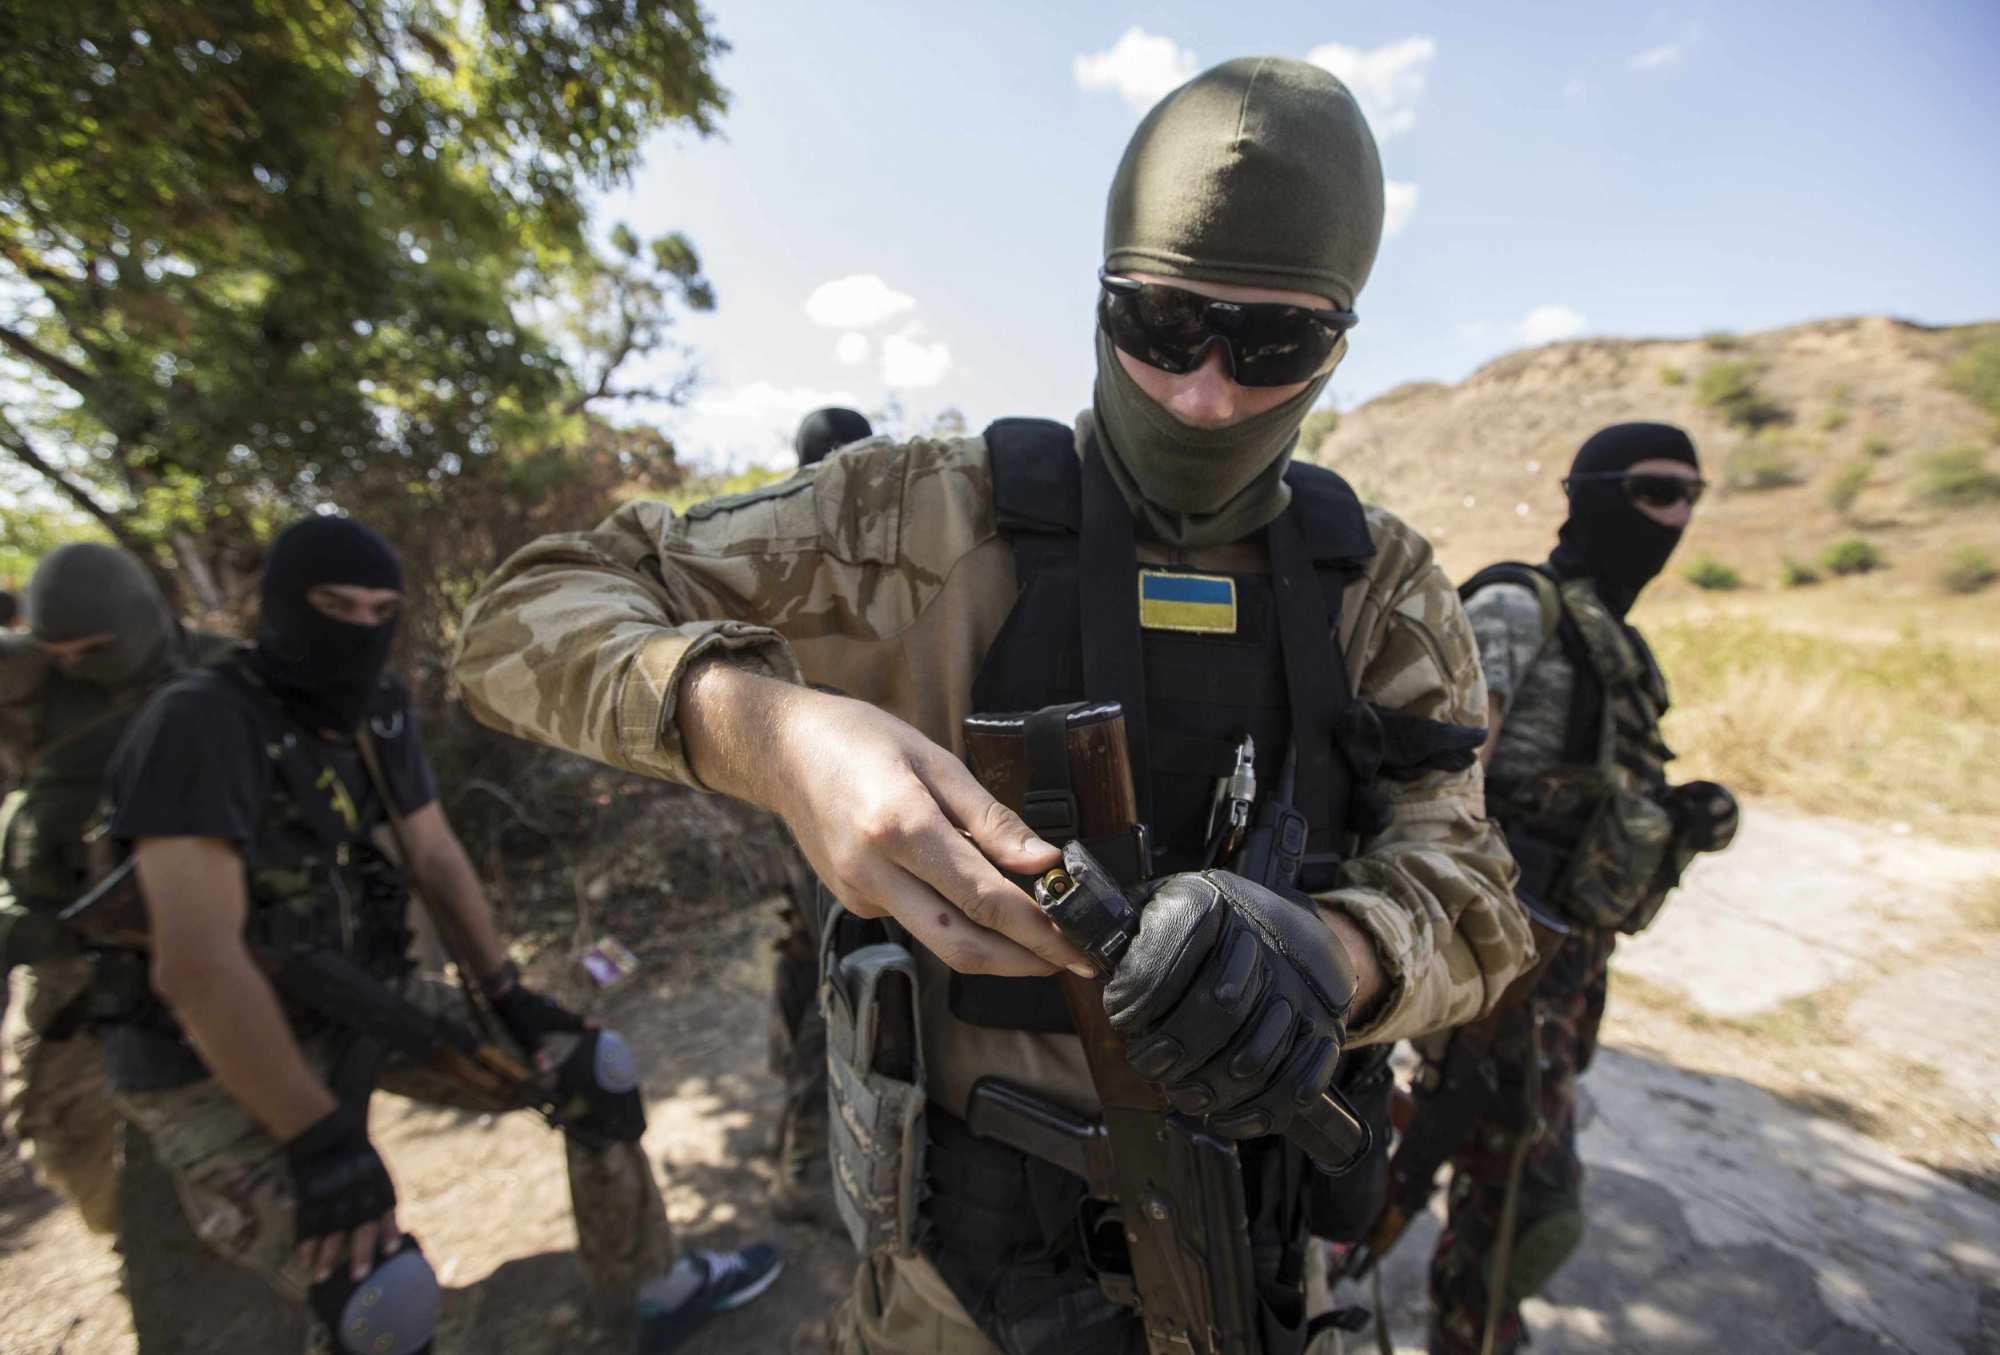 МОЛНИЯ: ВРостовской области украинские спецслужбы похитили российских военнослужащих | Русская весна